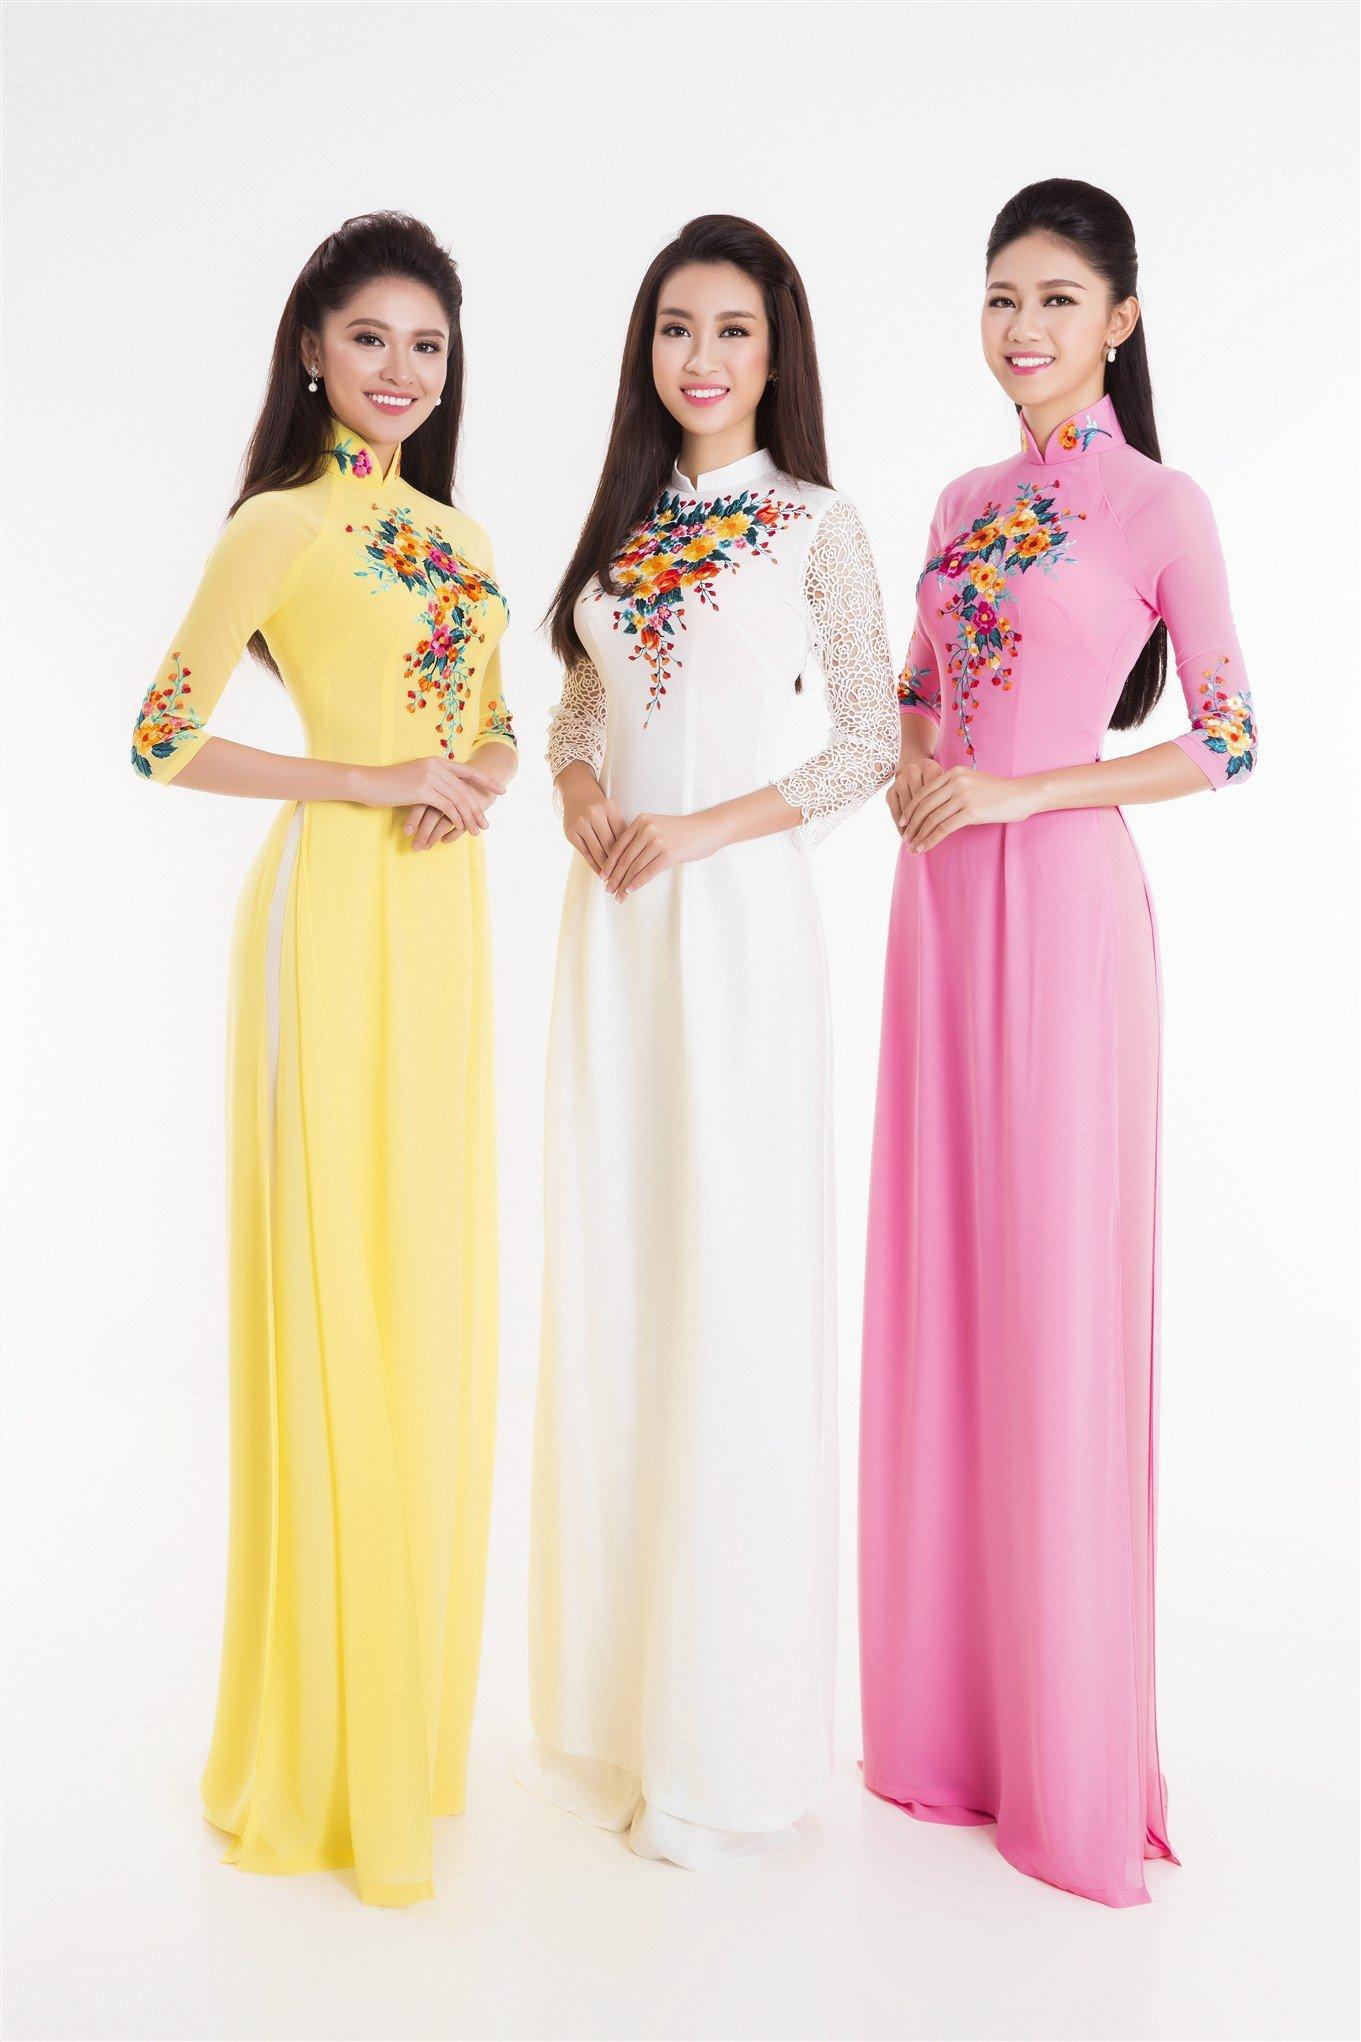 Tân Hoa hậu Đỗ Mỹ Linh và hai Á hậu đọ sắc trong tà áo dài 2